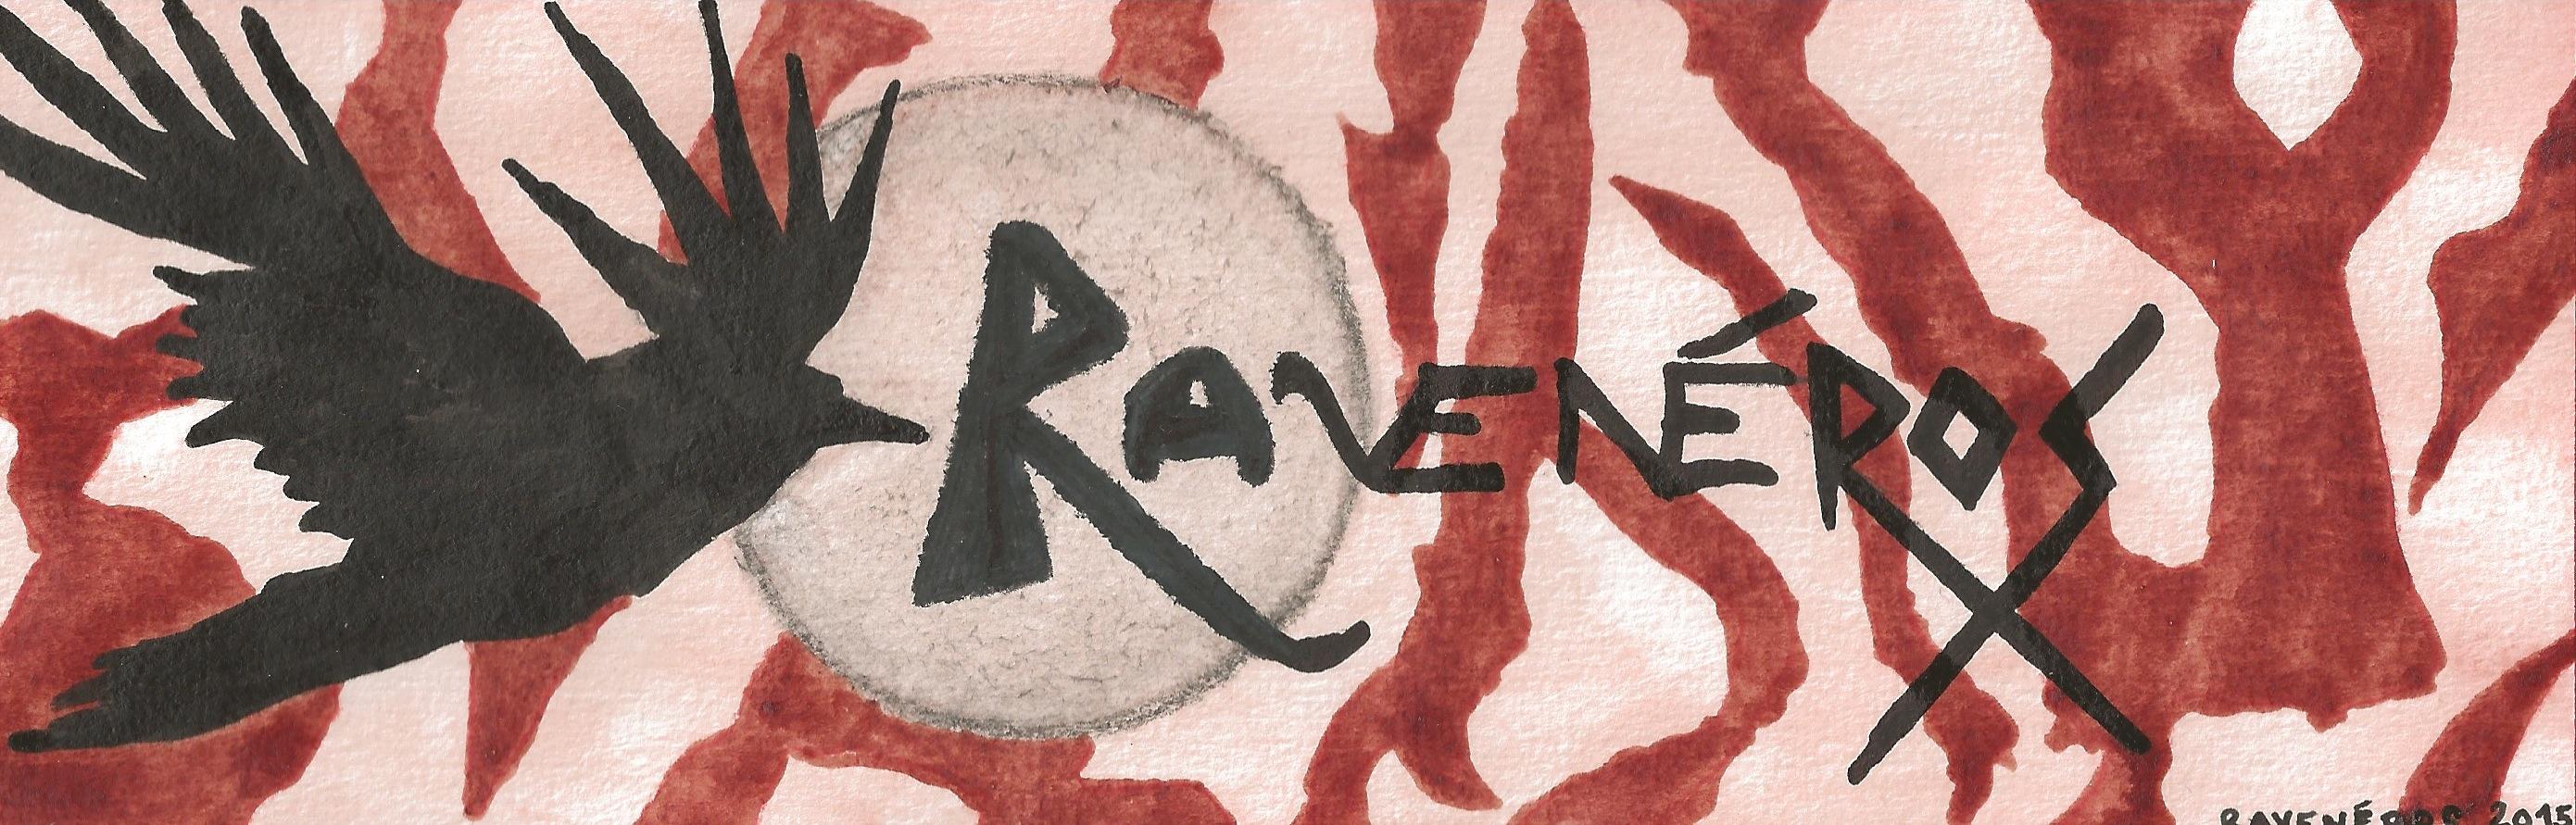 L'Art de Ravenéros